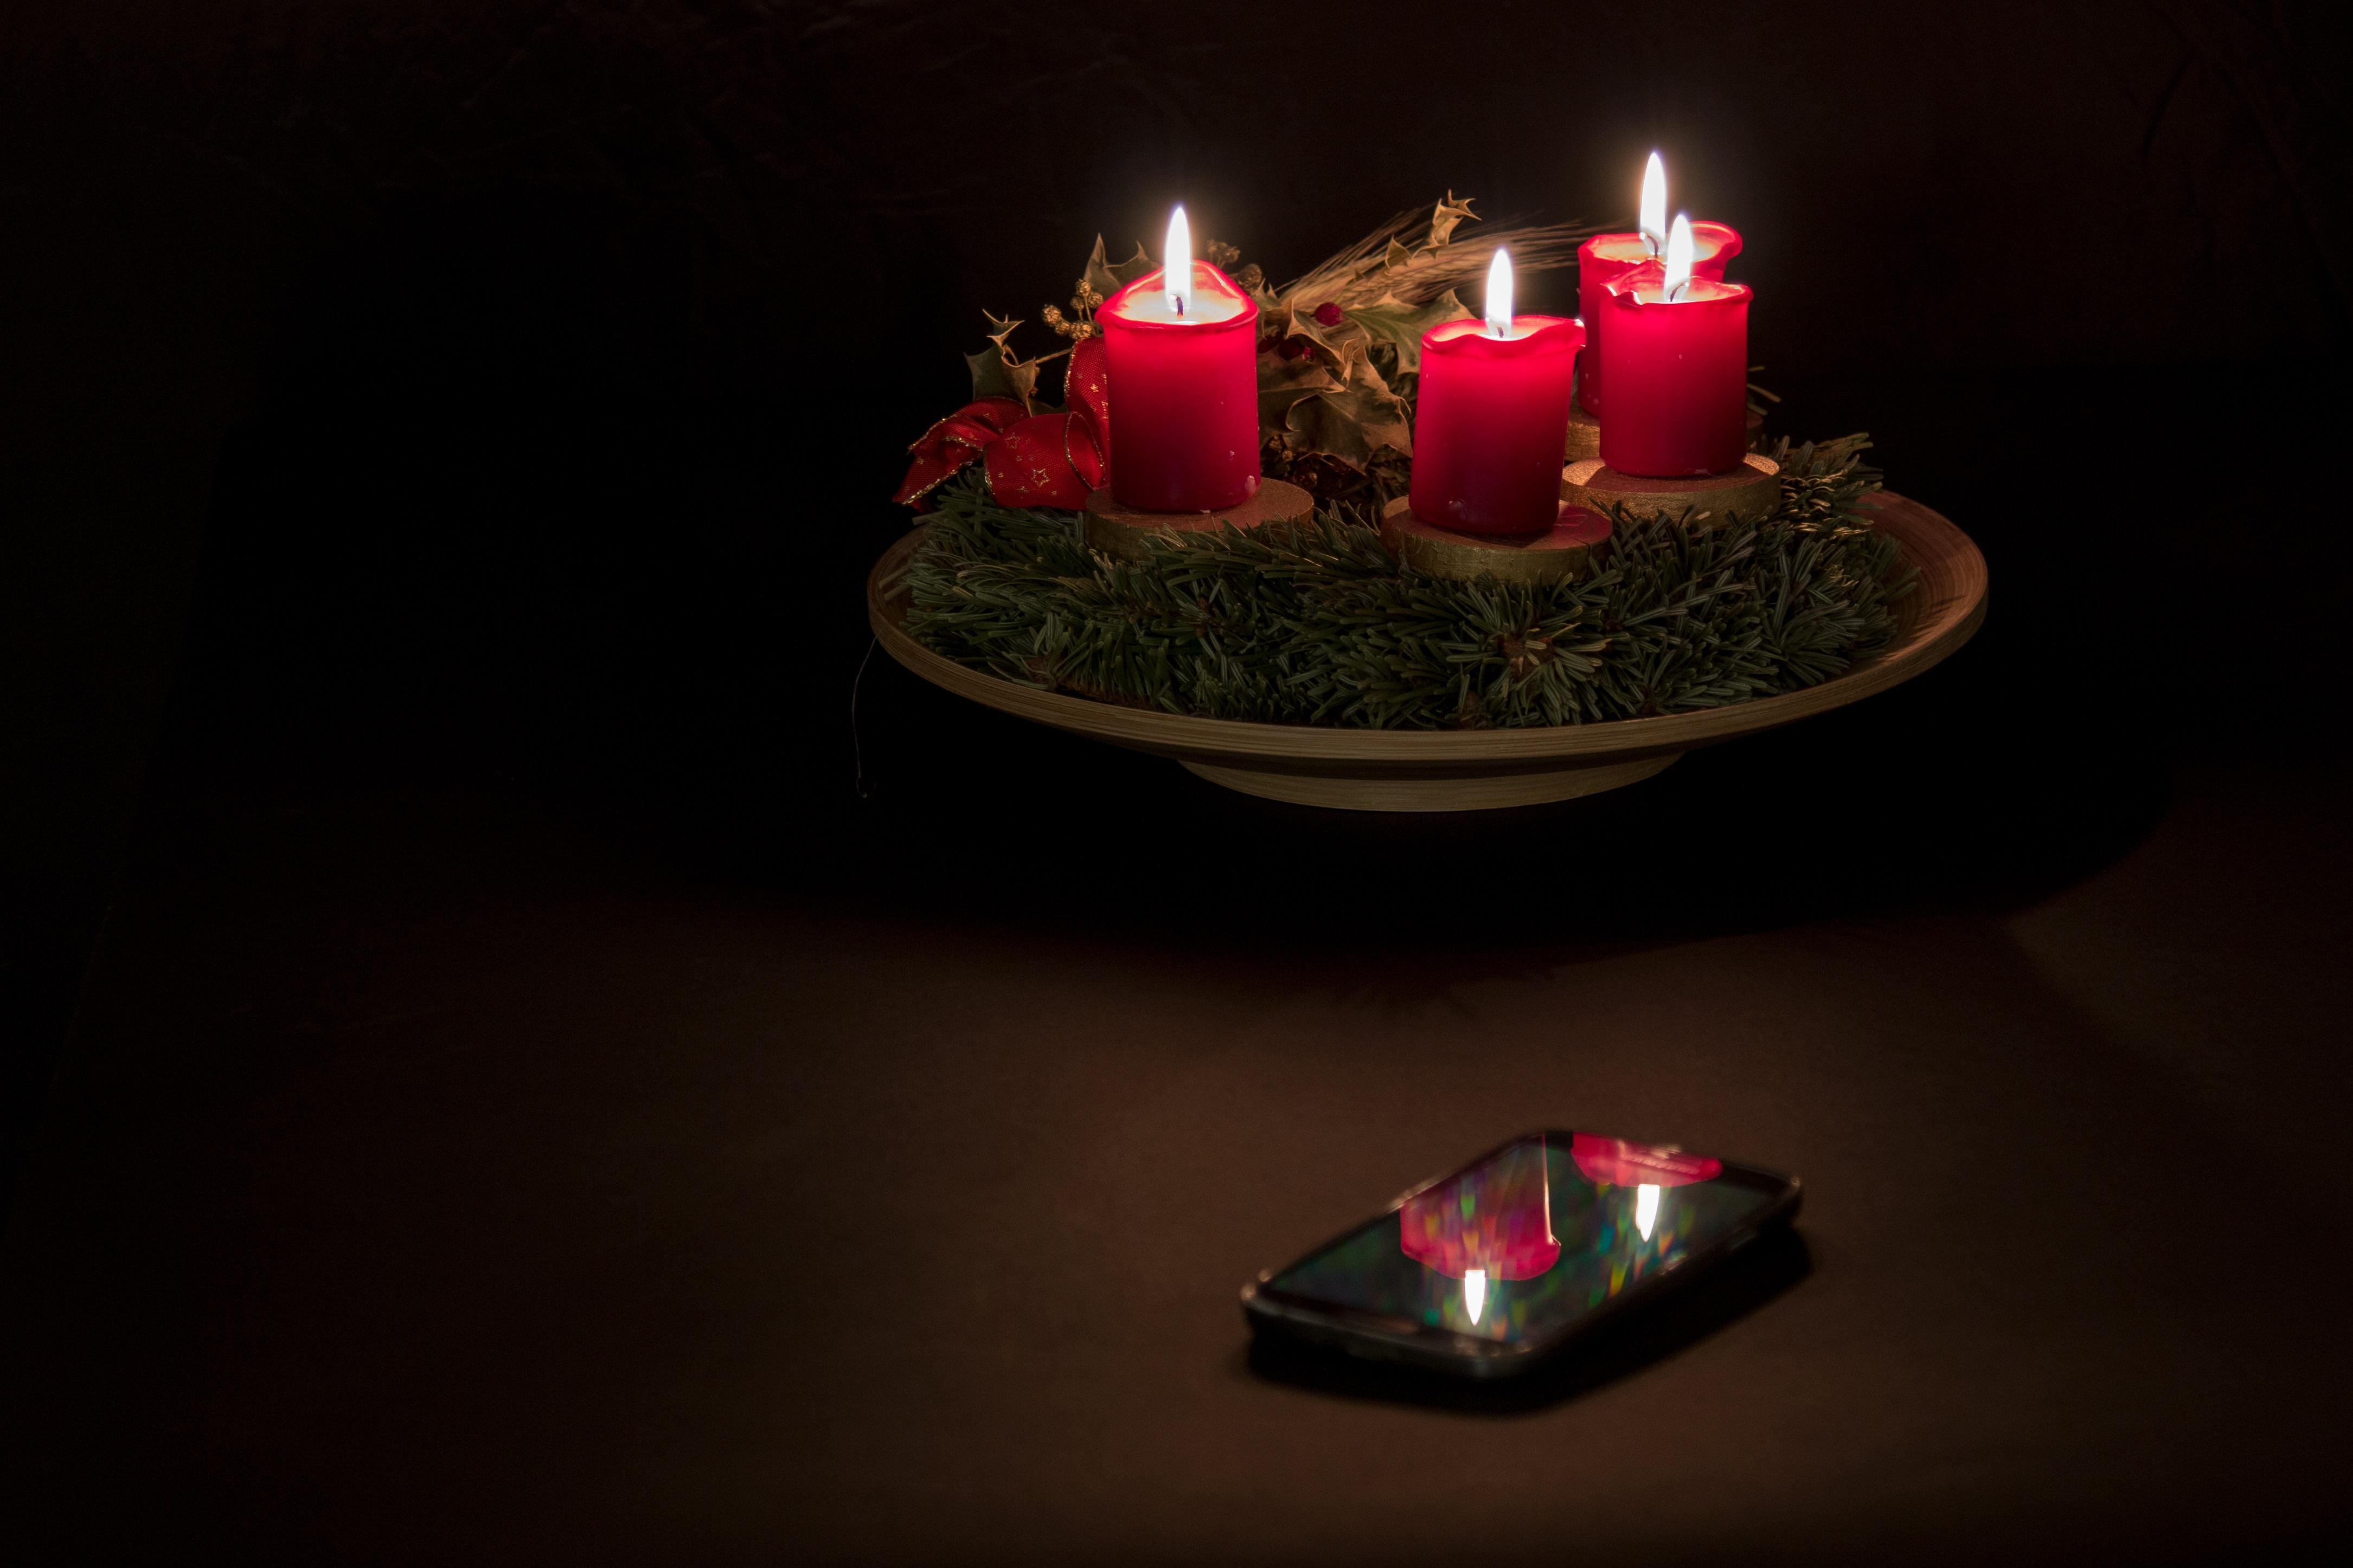 Adventskranz Bilder Kostenlos kostenlose foto licht nacht rot weihnachten beleuchtung